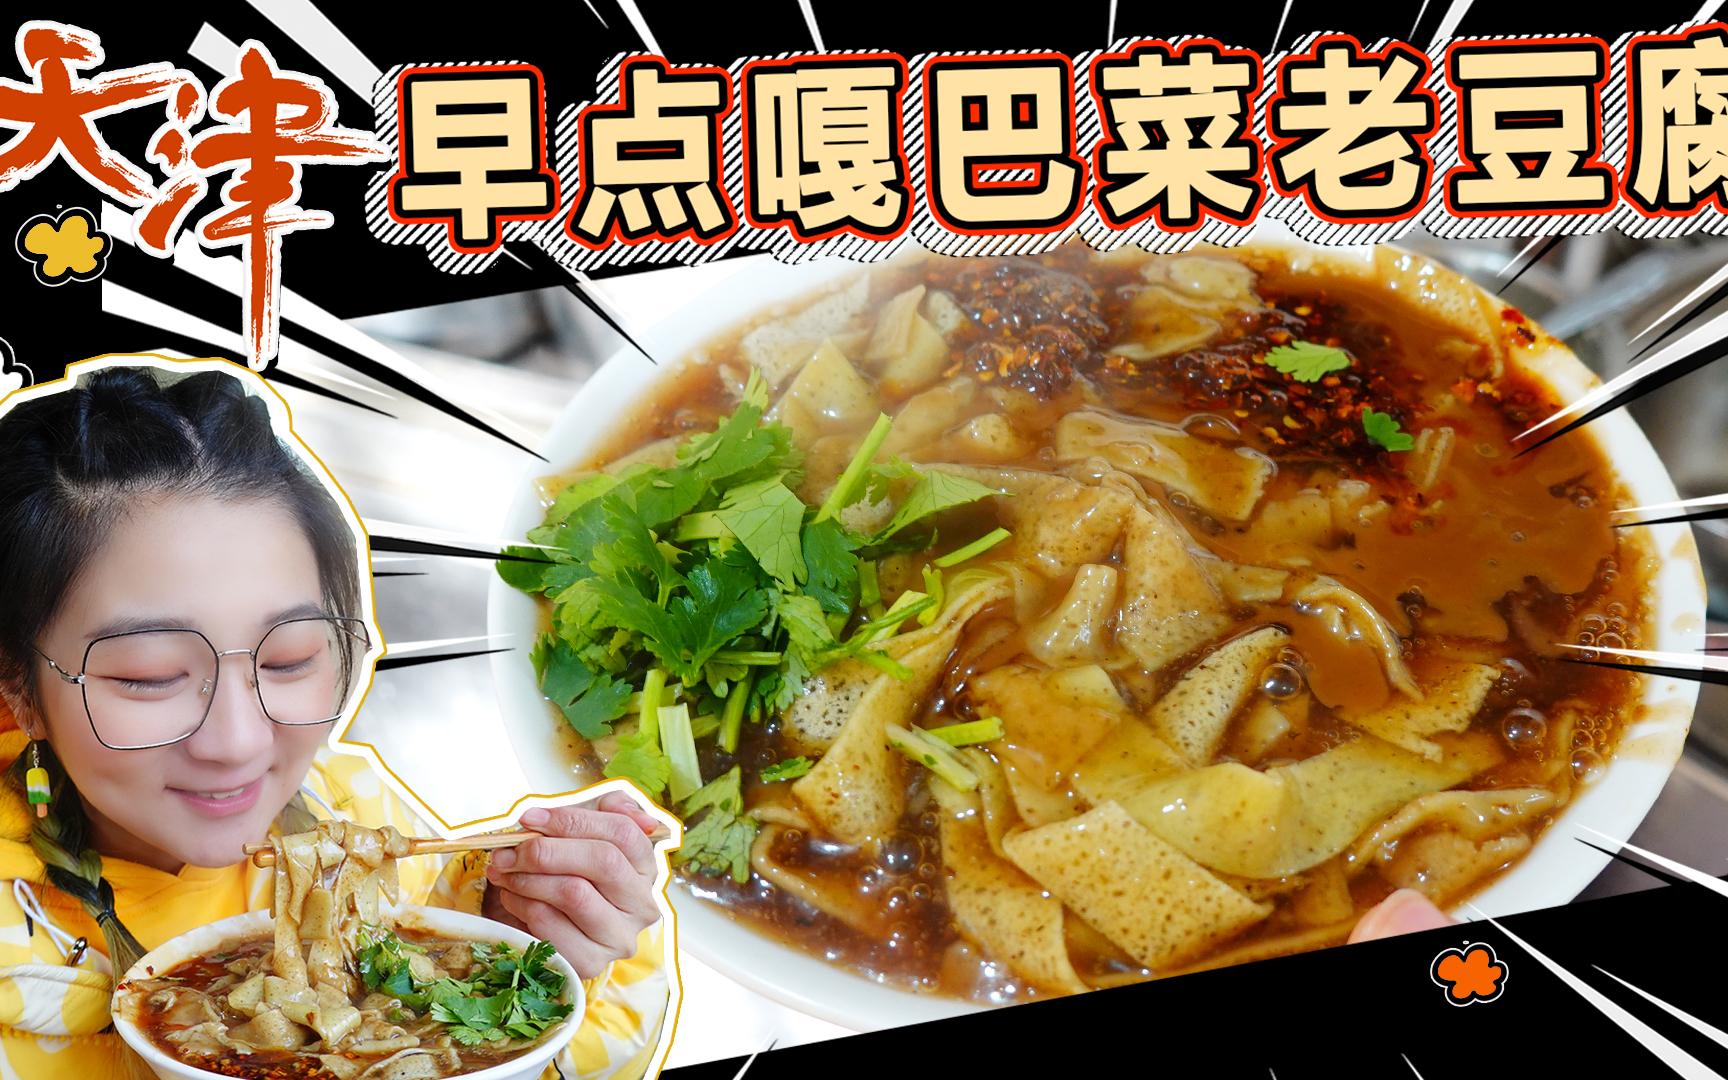 【逛吃天津】锅巴菜老豆腐煎饼果子!天津这家早点我终于吃到了!